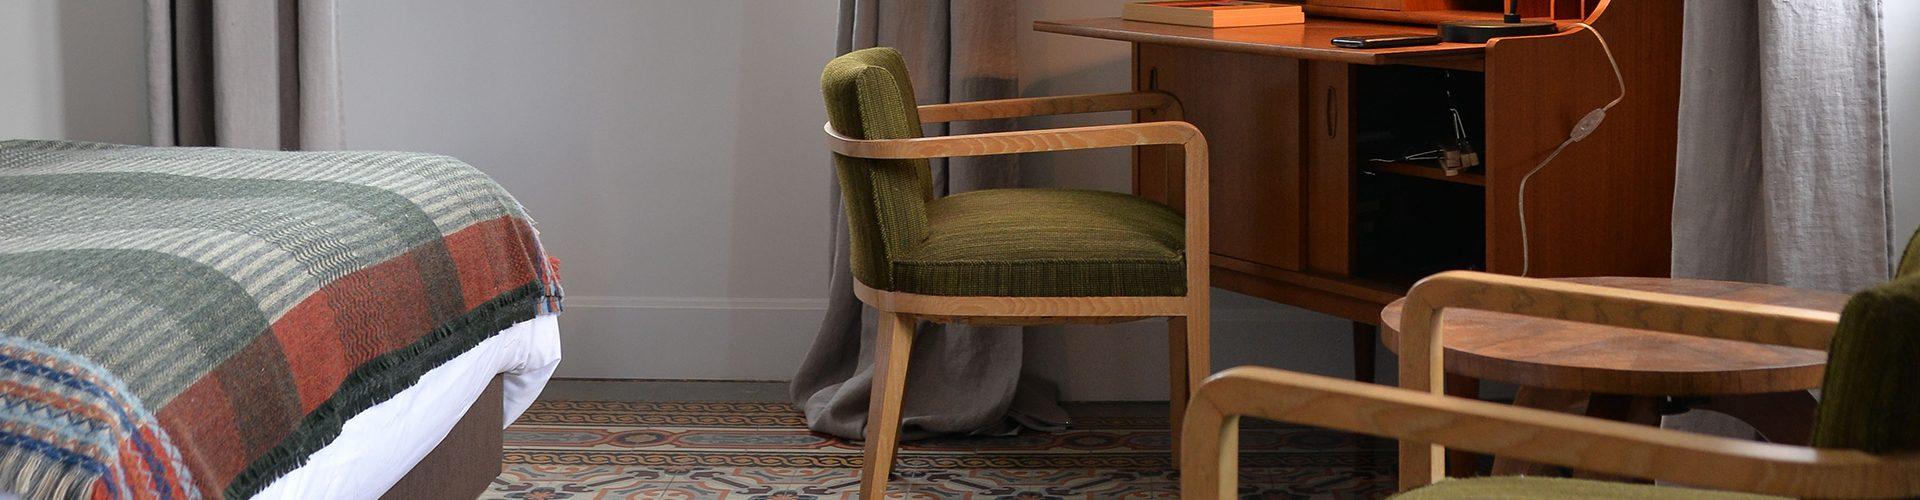 Chambre Vintage - L\'Autre Rives, maison d\'hôtes design à Albi